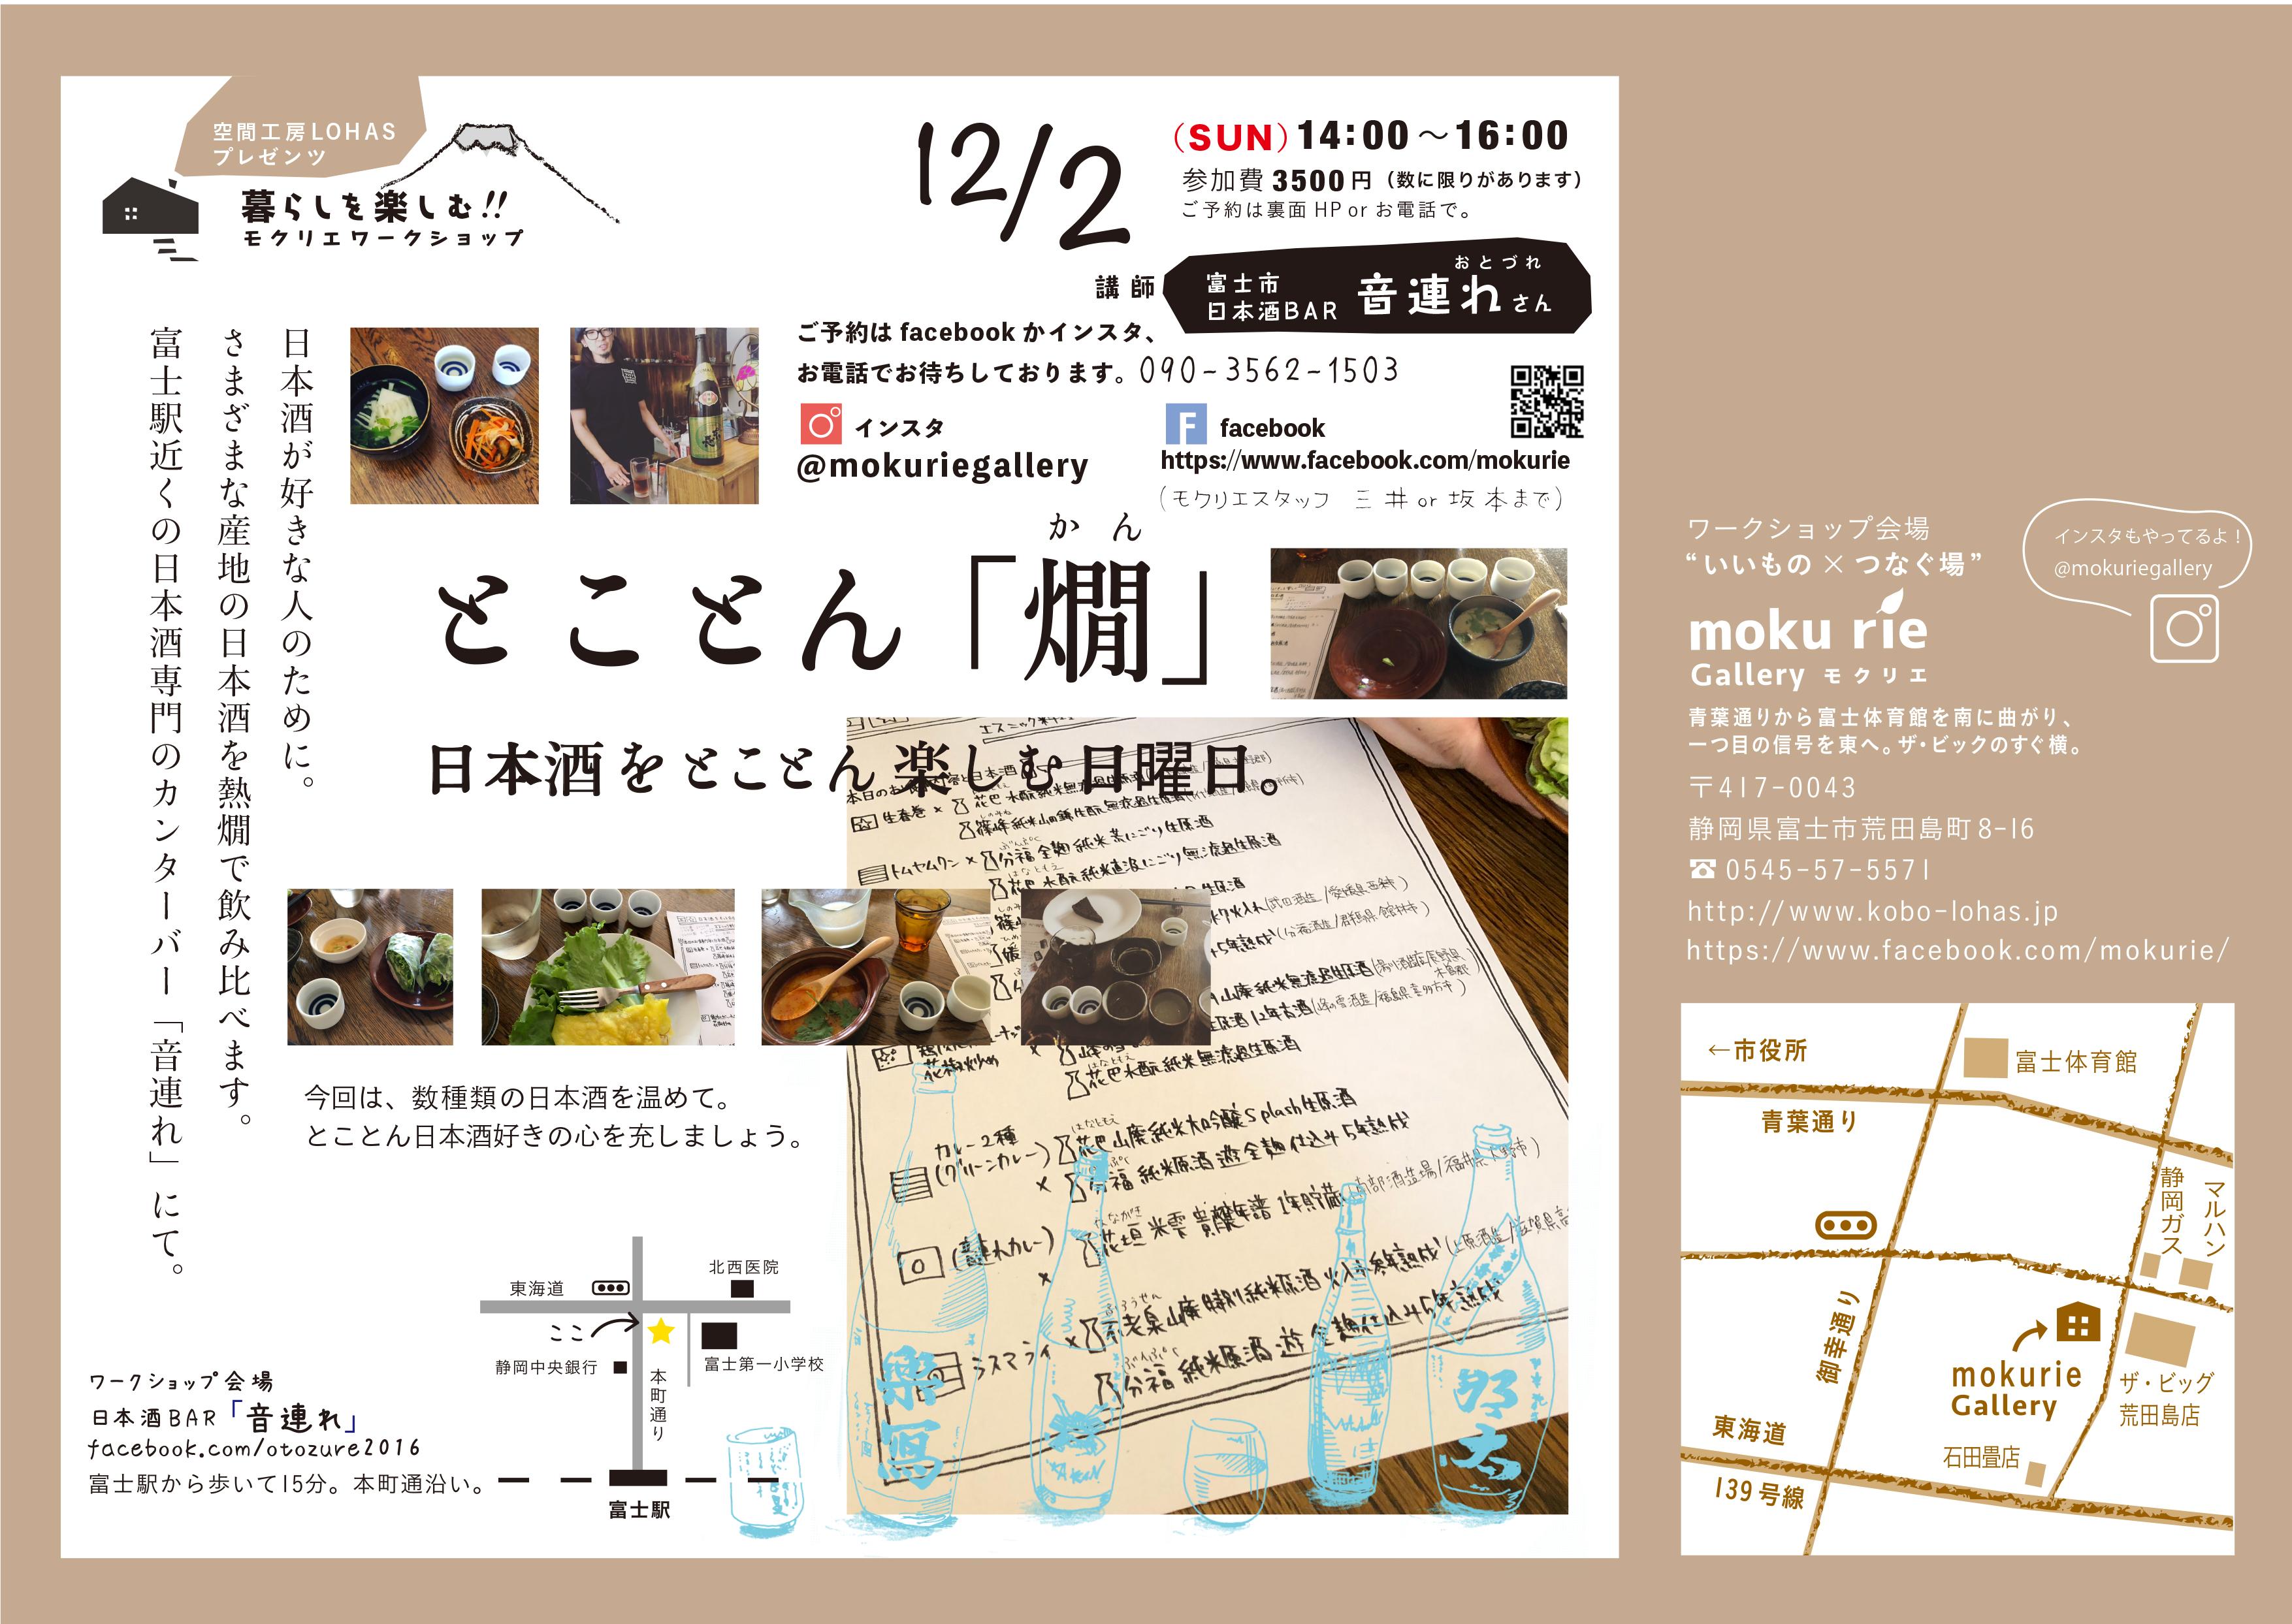 富士市イベント